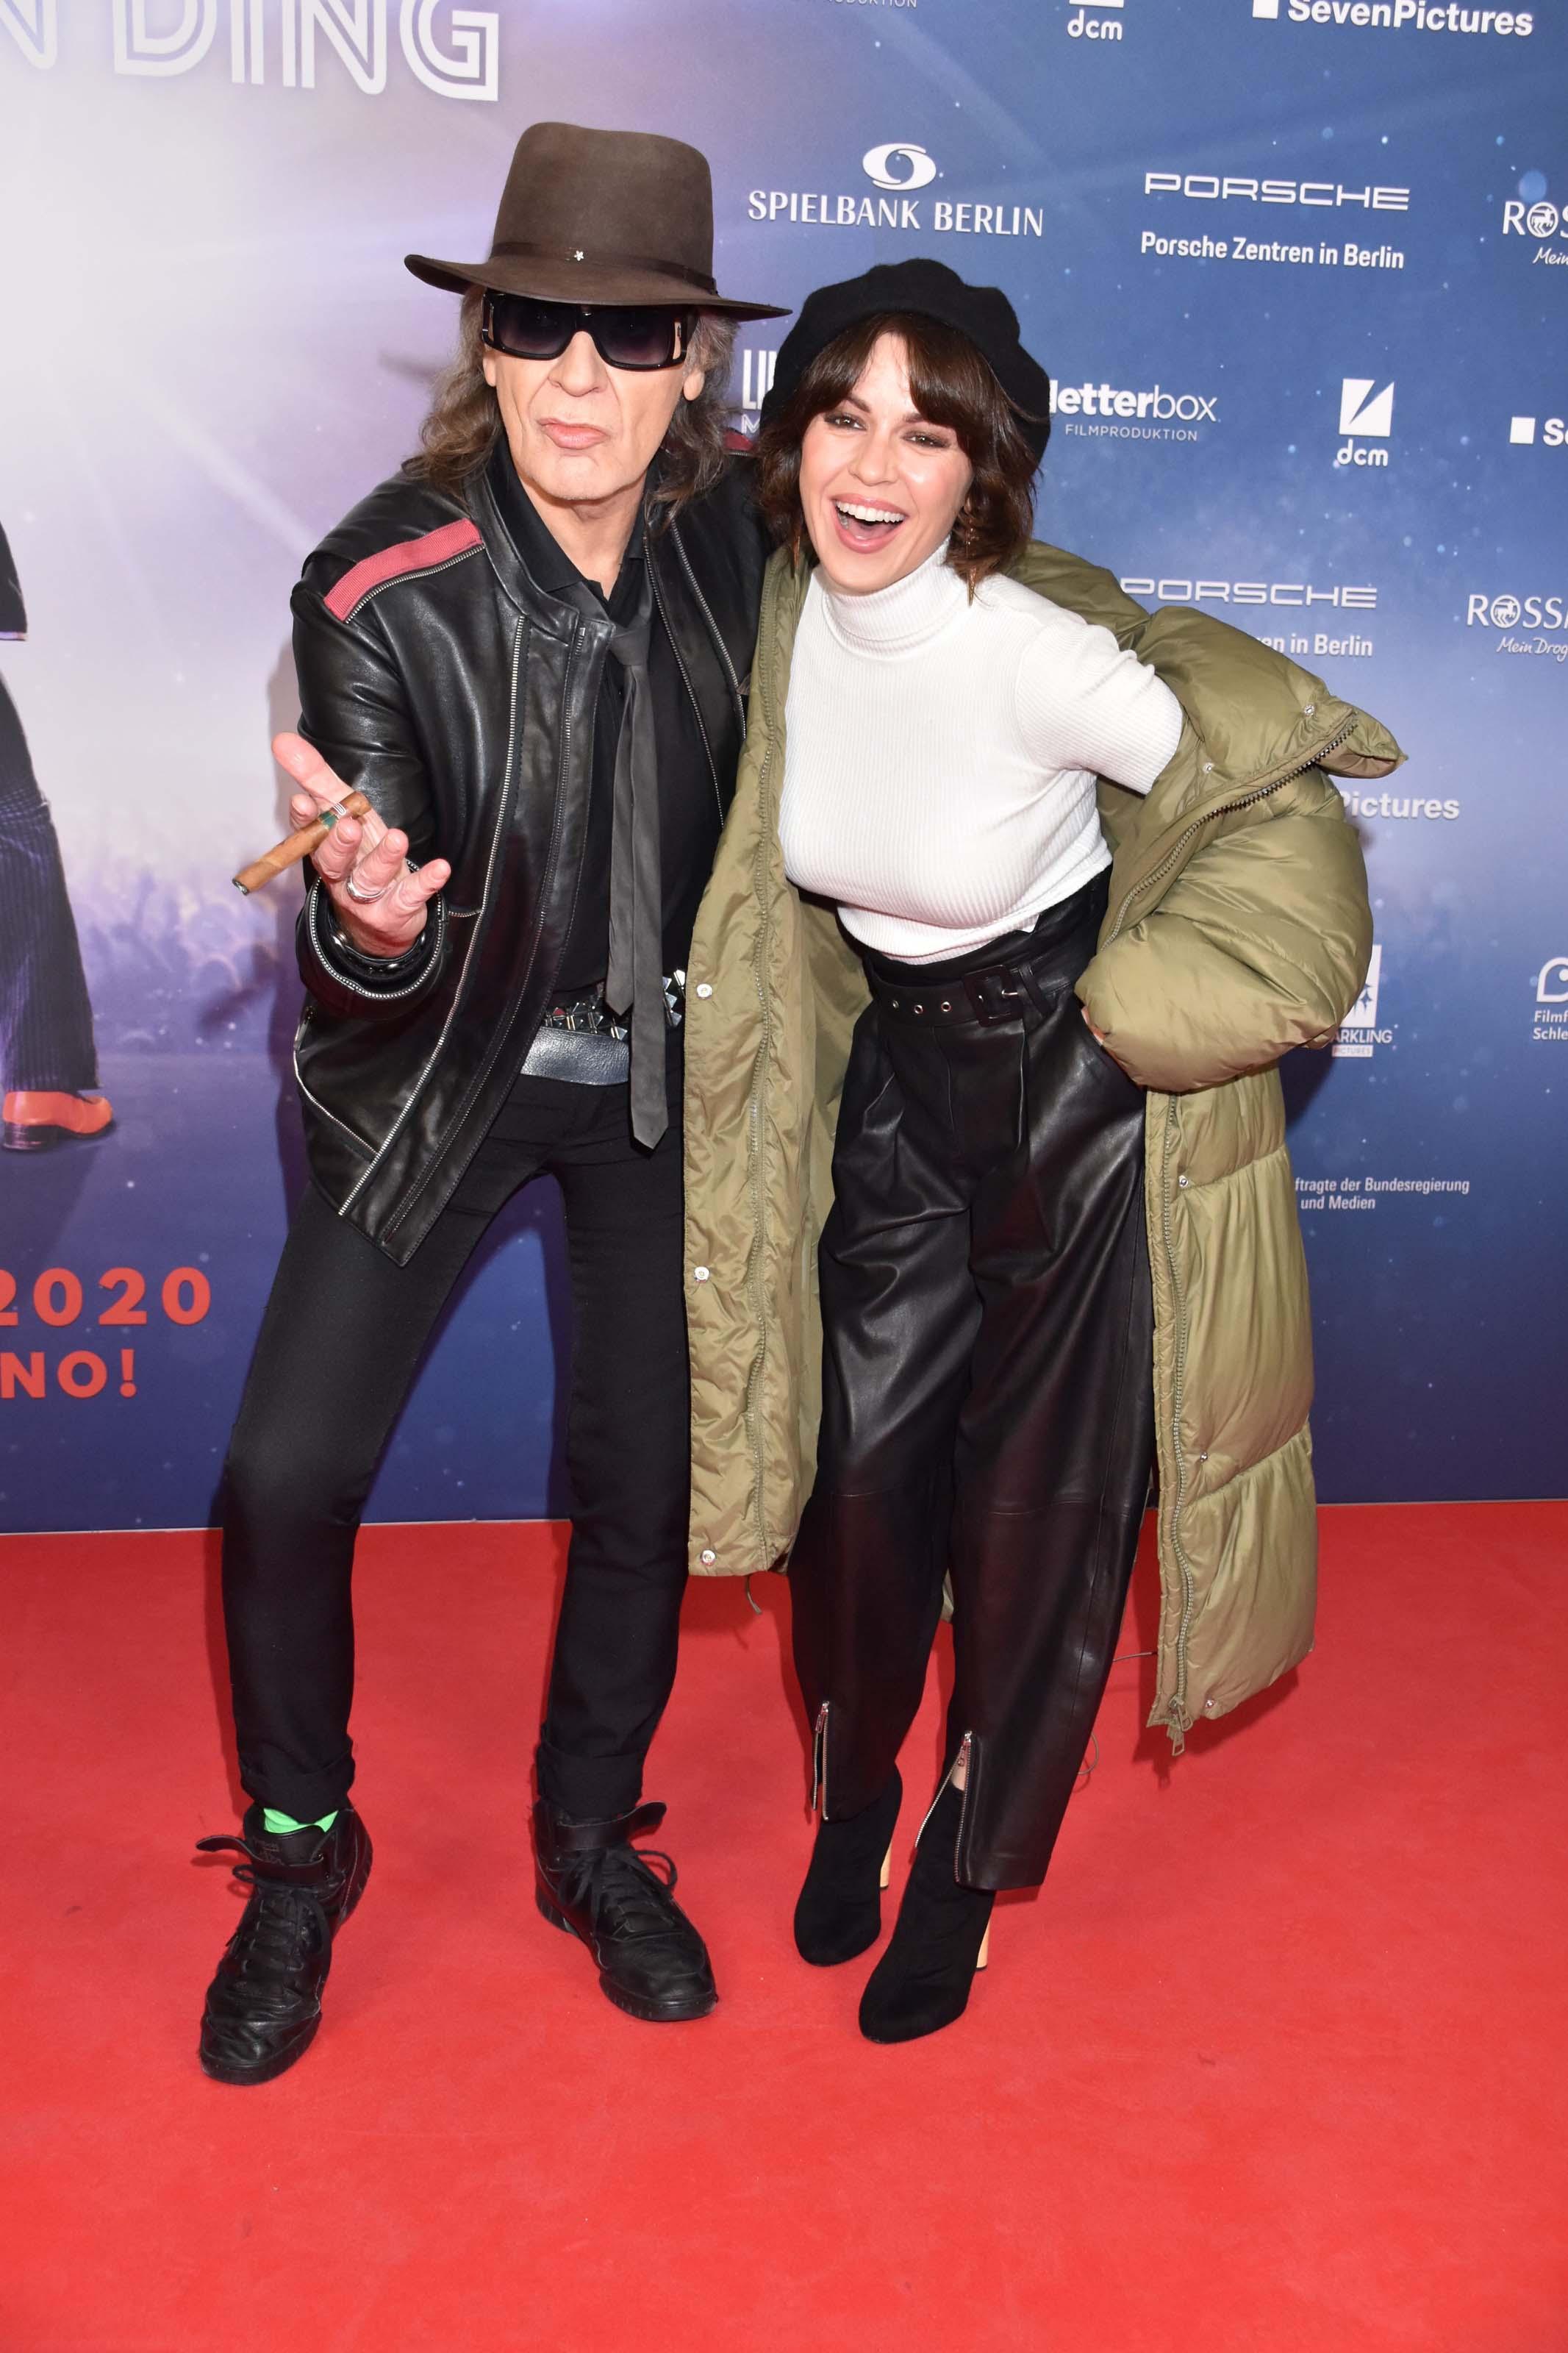 Natalia Avelon attends Premiere von 'Lindenberg! Mach dein Ding'